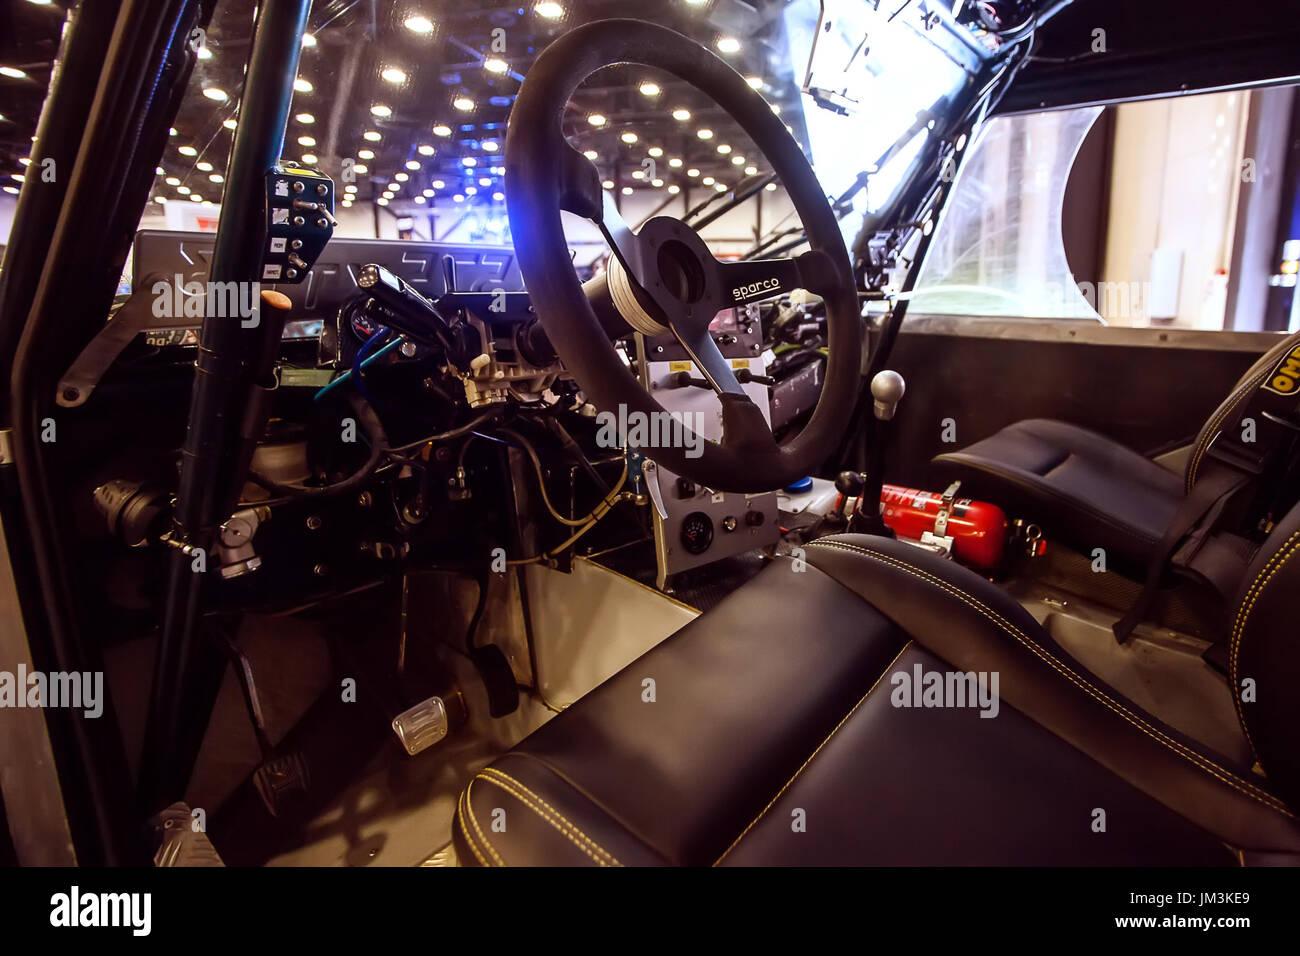 Sankt-PETERSBURG, Russland-JULE 23, 2017: Armaturenbrett von 4wd Buggy Offroad extreme Auto auf Royal Auto Show. Nahaufnahme von Innenraum und Lenkung w Stockbild